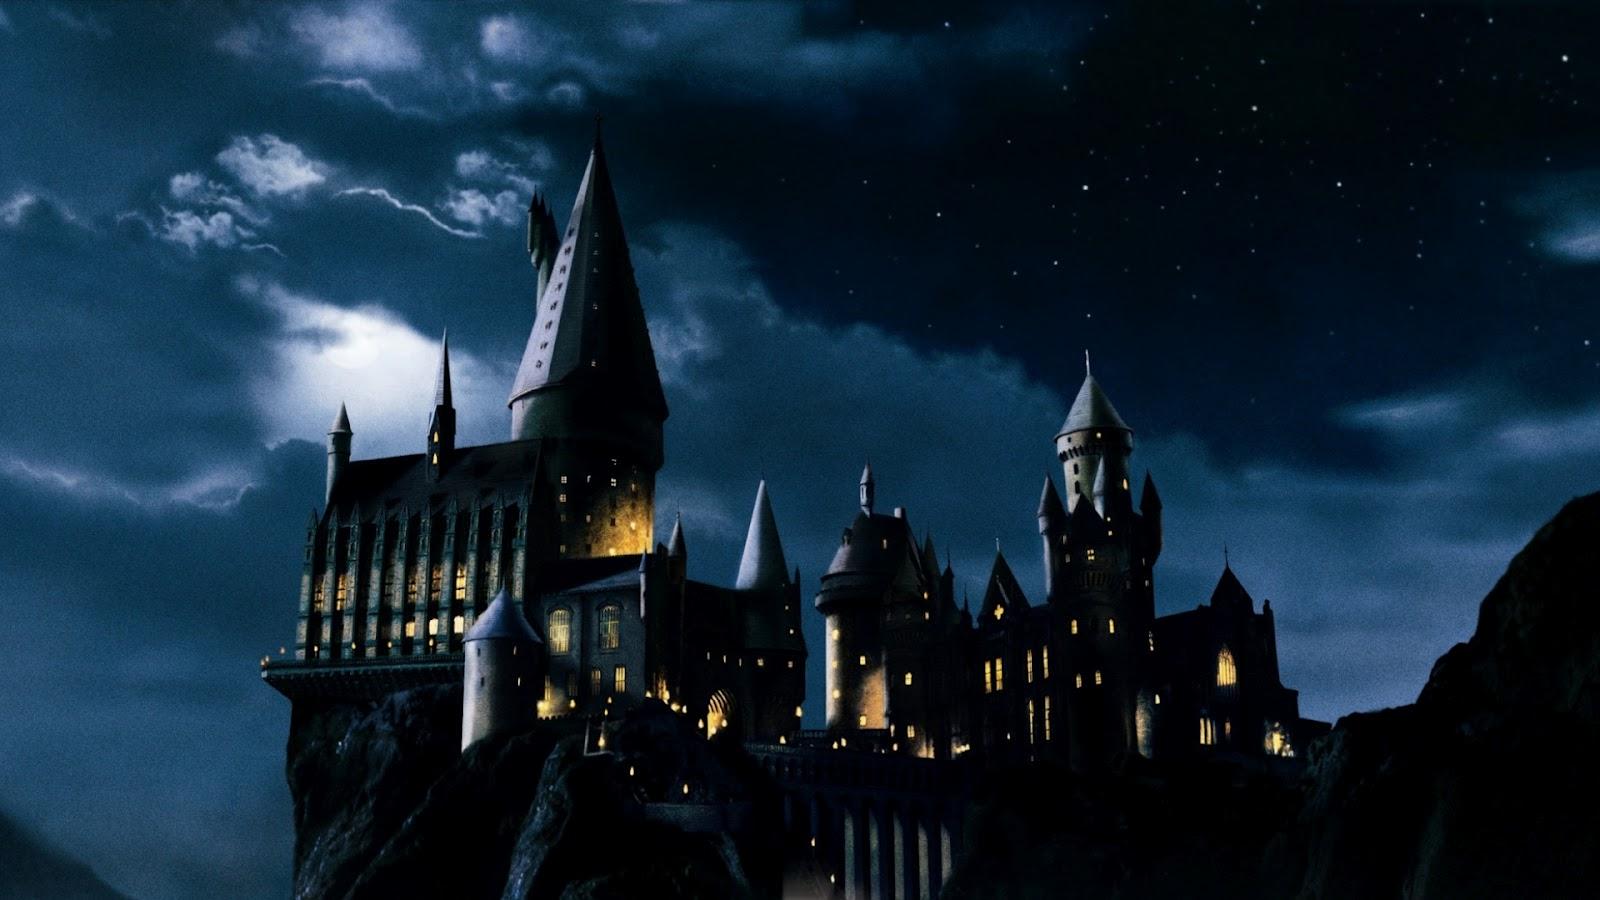 Wallpaper Hogwarts Hd Download Wallpaper DaWallpaperz 1600x900